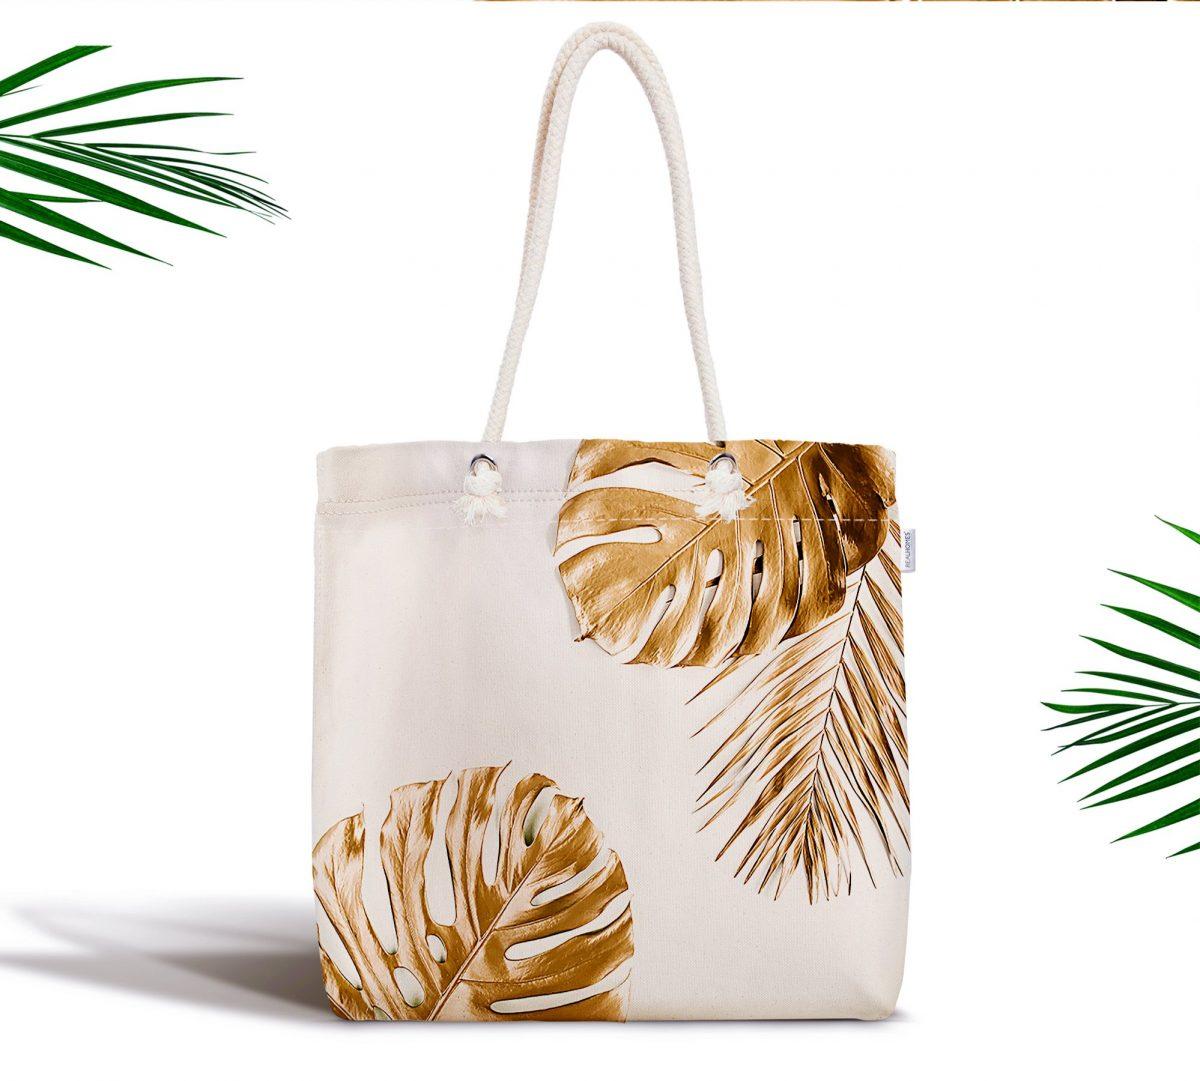 3D Altın Renkli Palmiye Yaprakları Desenli Fermuarlı Modern Kumaş Çanta Realhomes